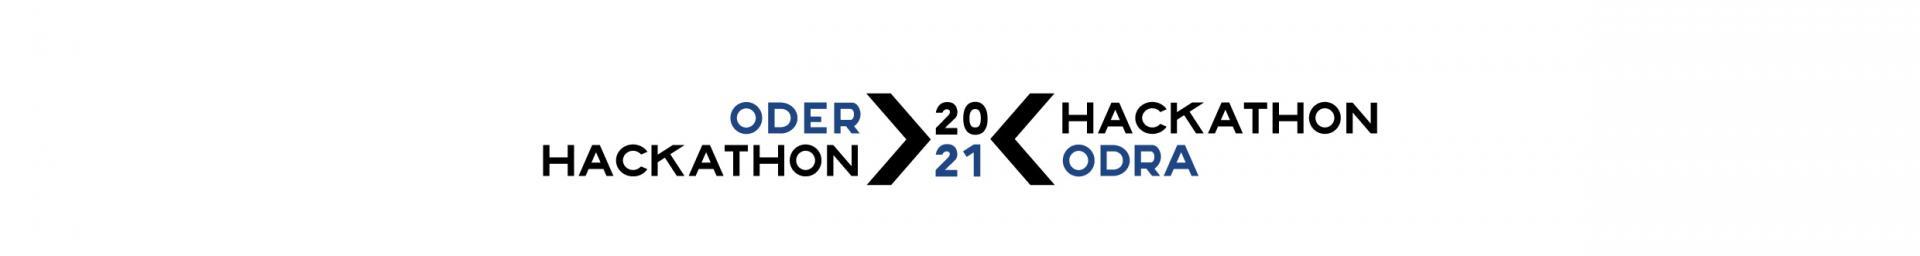 Hackathon Partnerstwa Odry - zobacz więcej